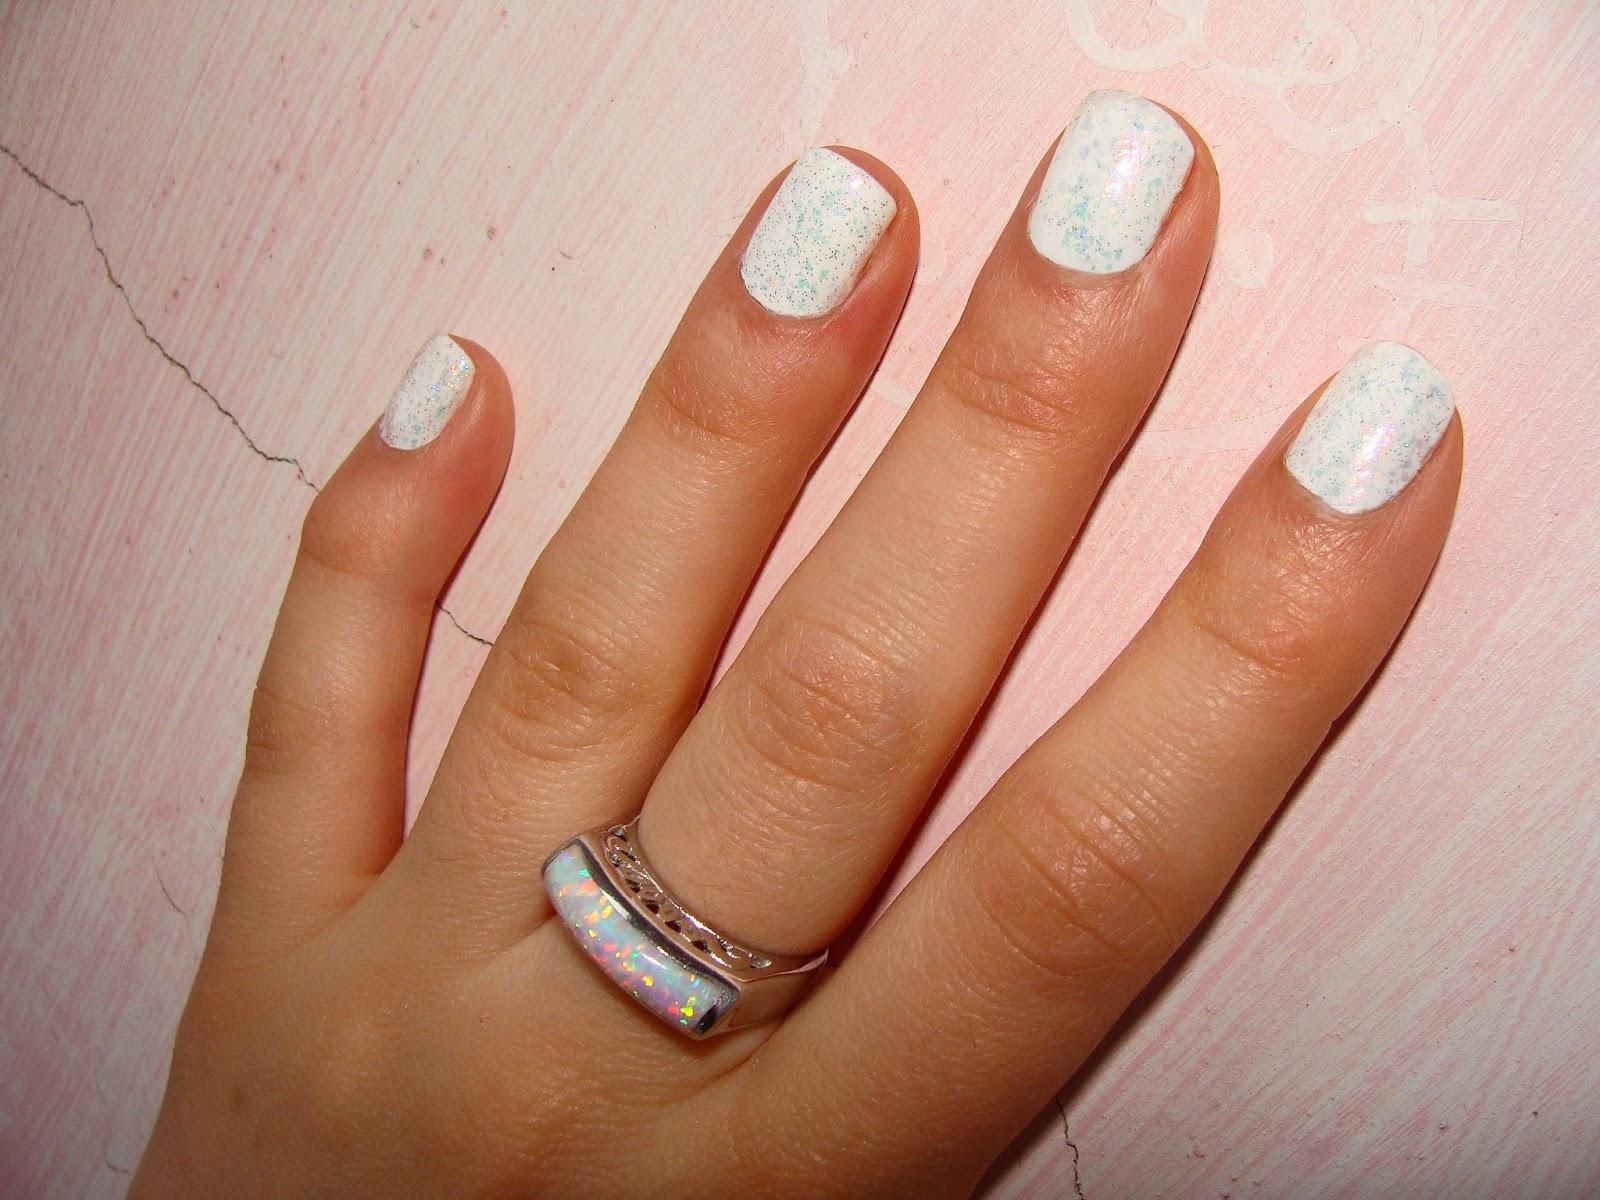 Aurelia 137 Magnifique over white color